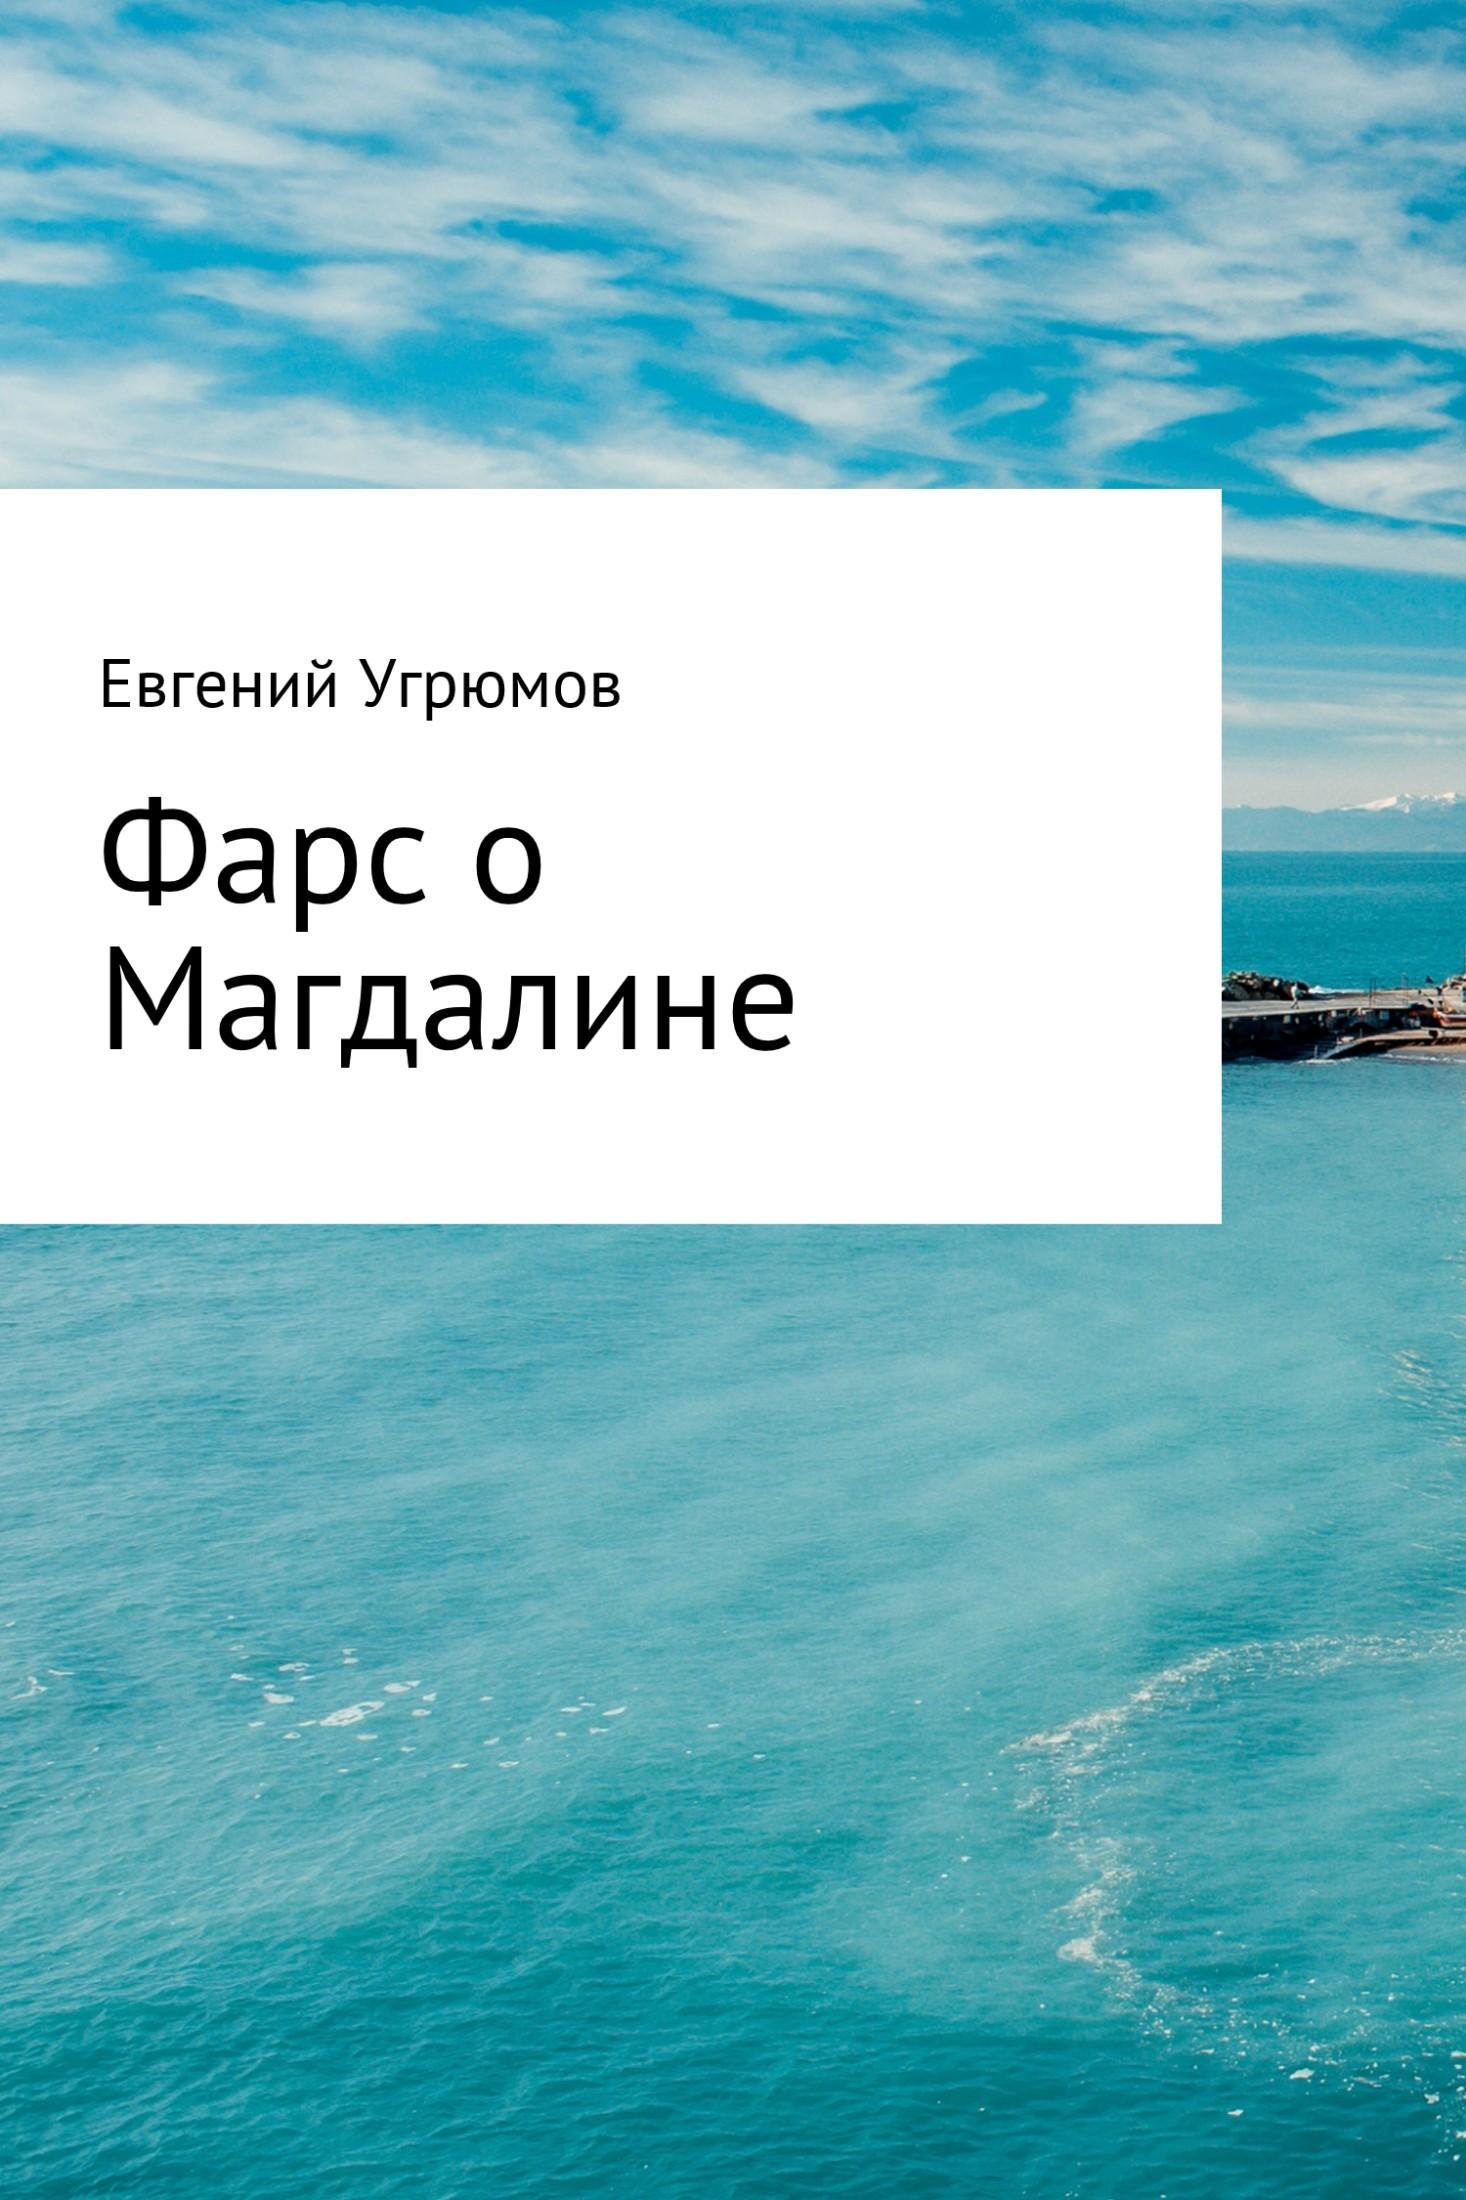 Евгений Юрьевич Угрюмов Фарс о Магдалине евгений юрьевич угрюмов разговоры о тенях